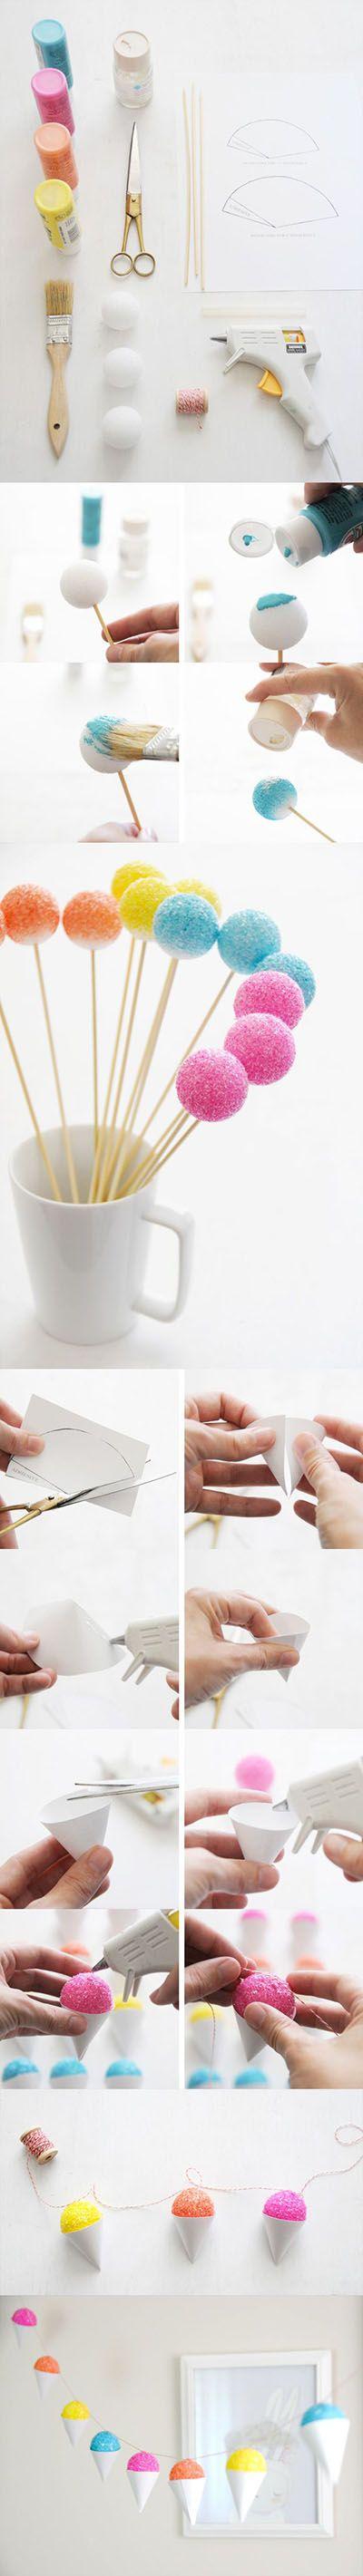 DIY snow cone garland   DIY & Crafts Tutorials